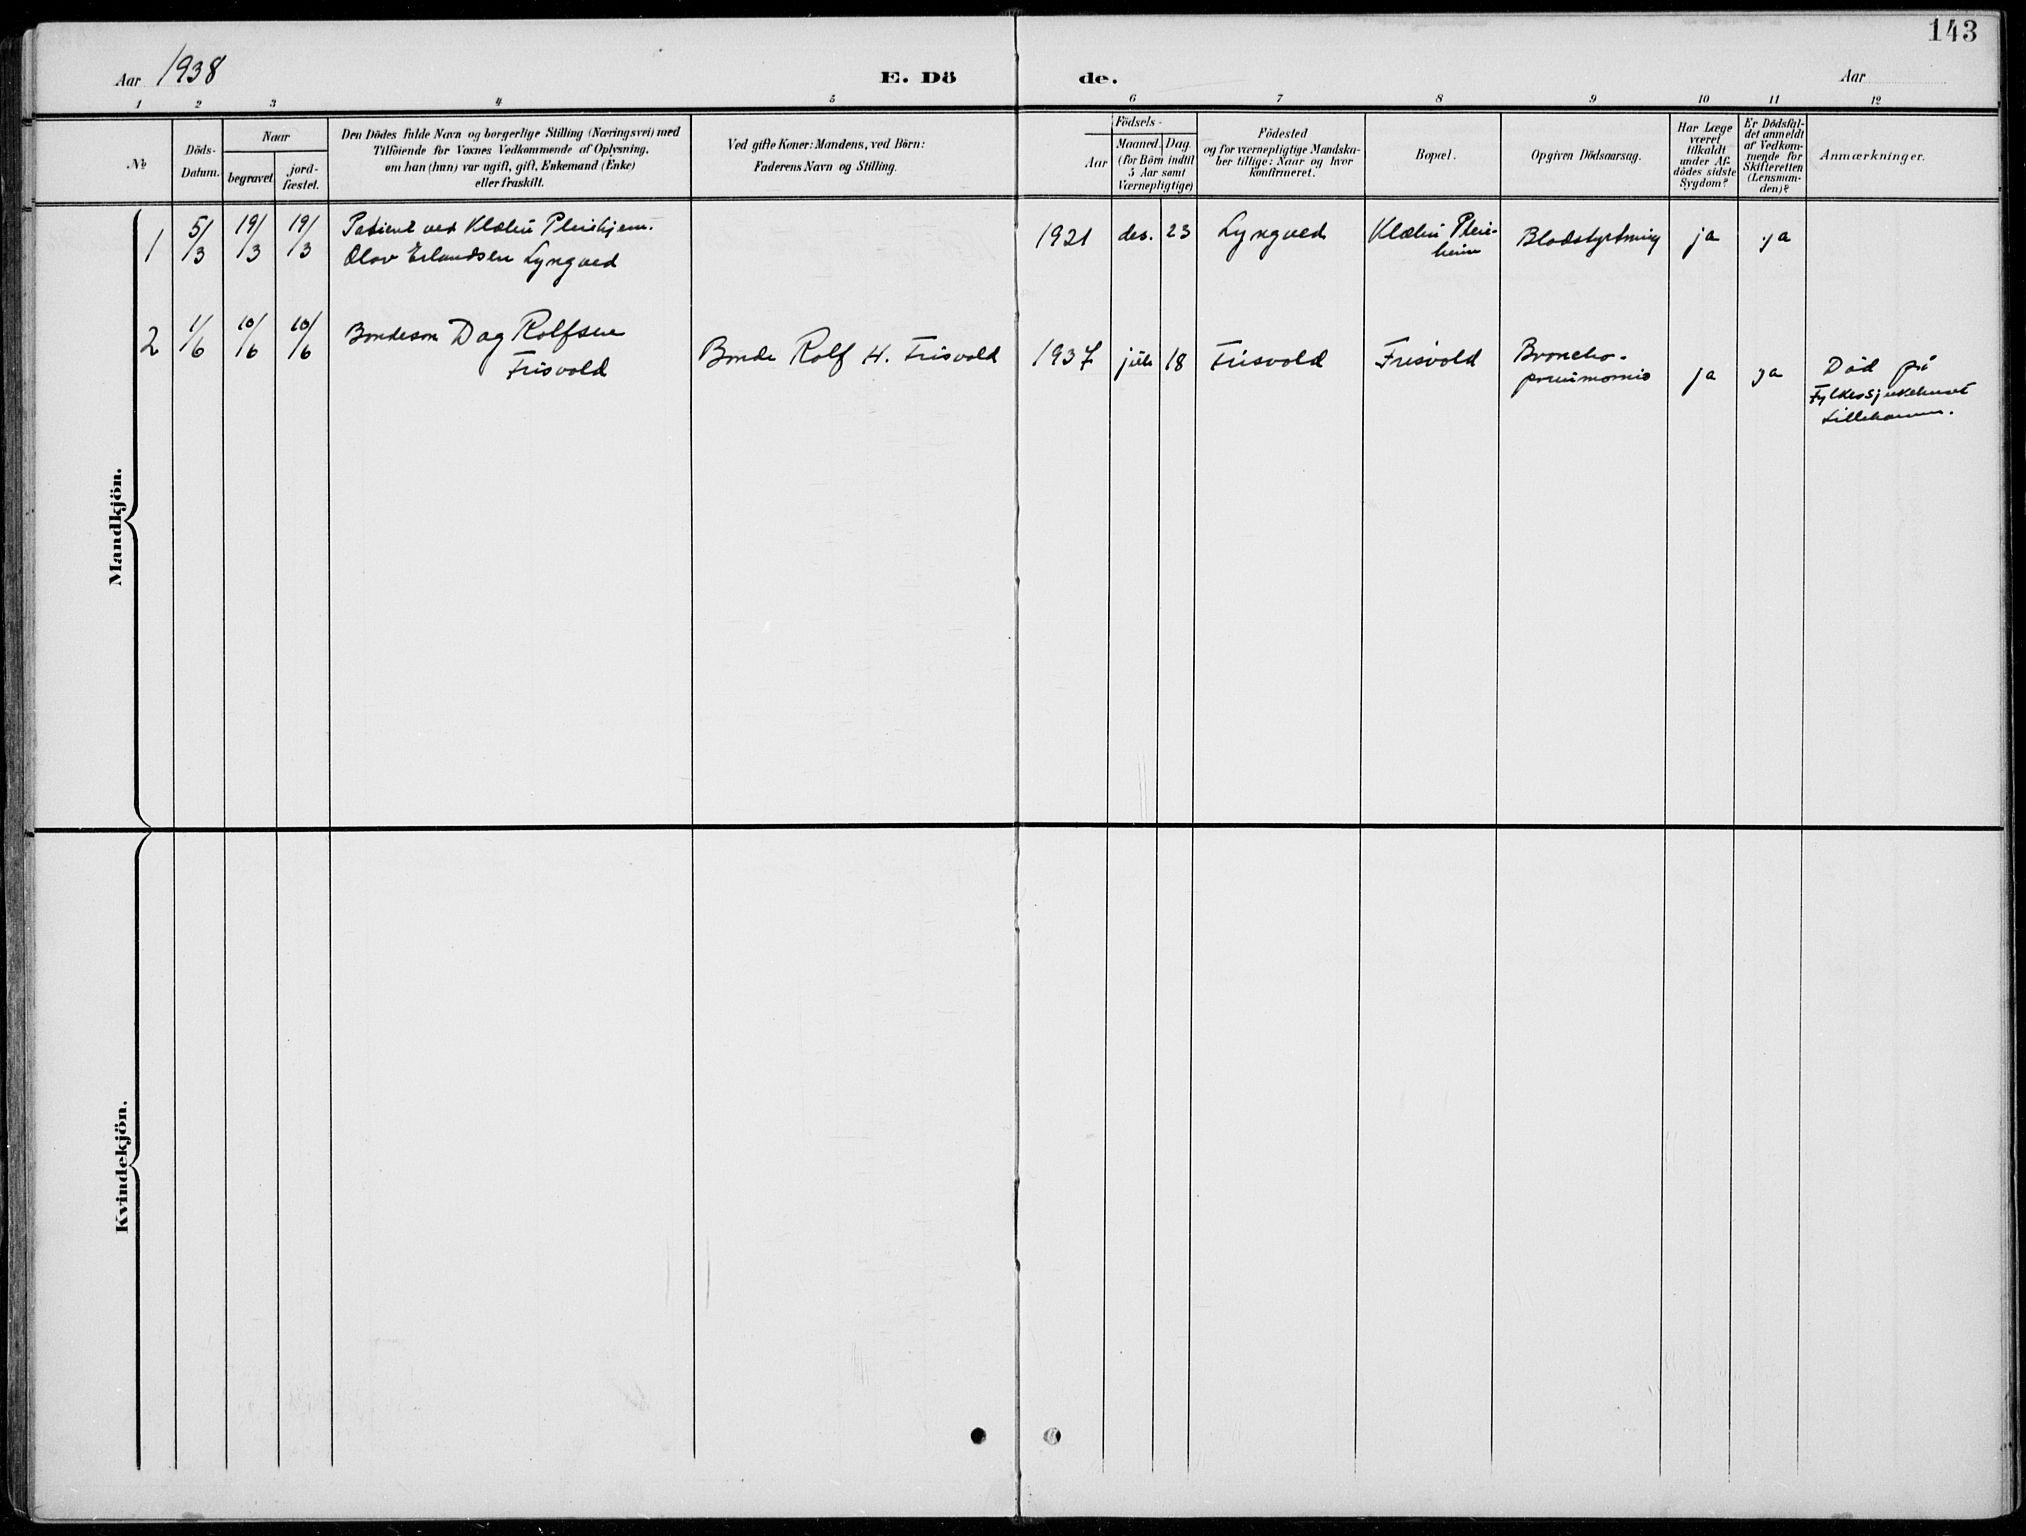 SAH, Lom prestekontor, L/L0006: Klokkerbok nr. 6, 1901-1939, s. 143